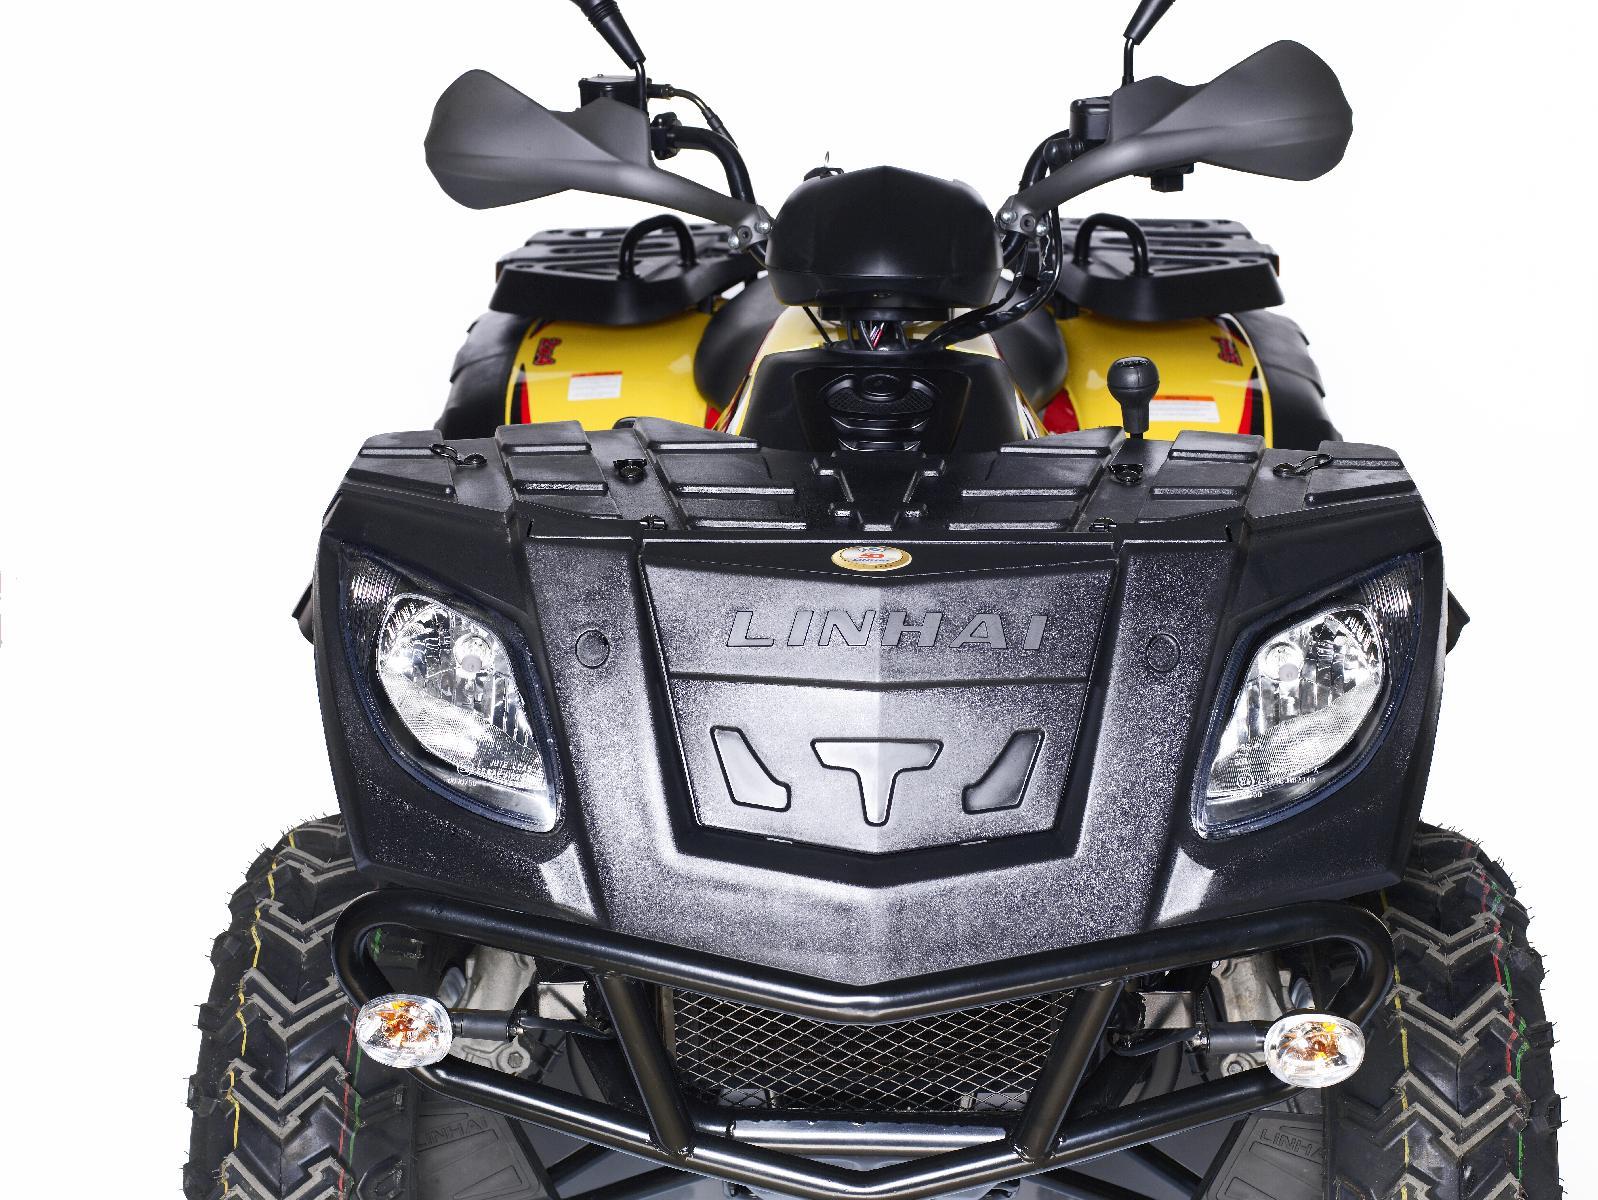 Poze Moto & ATV - Linhai 300 - 193707